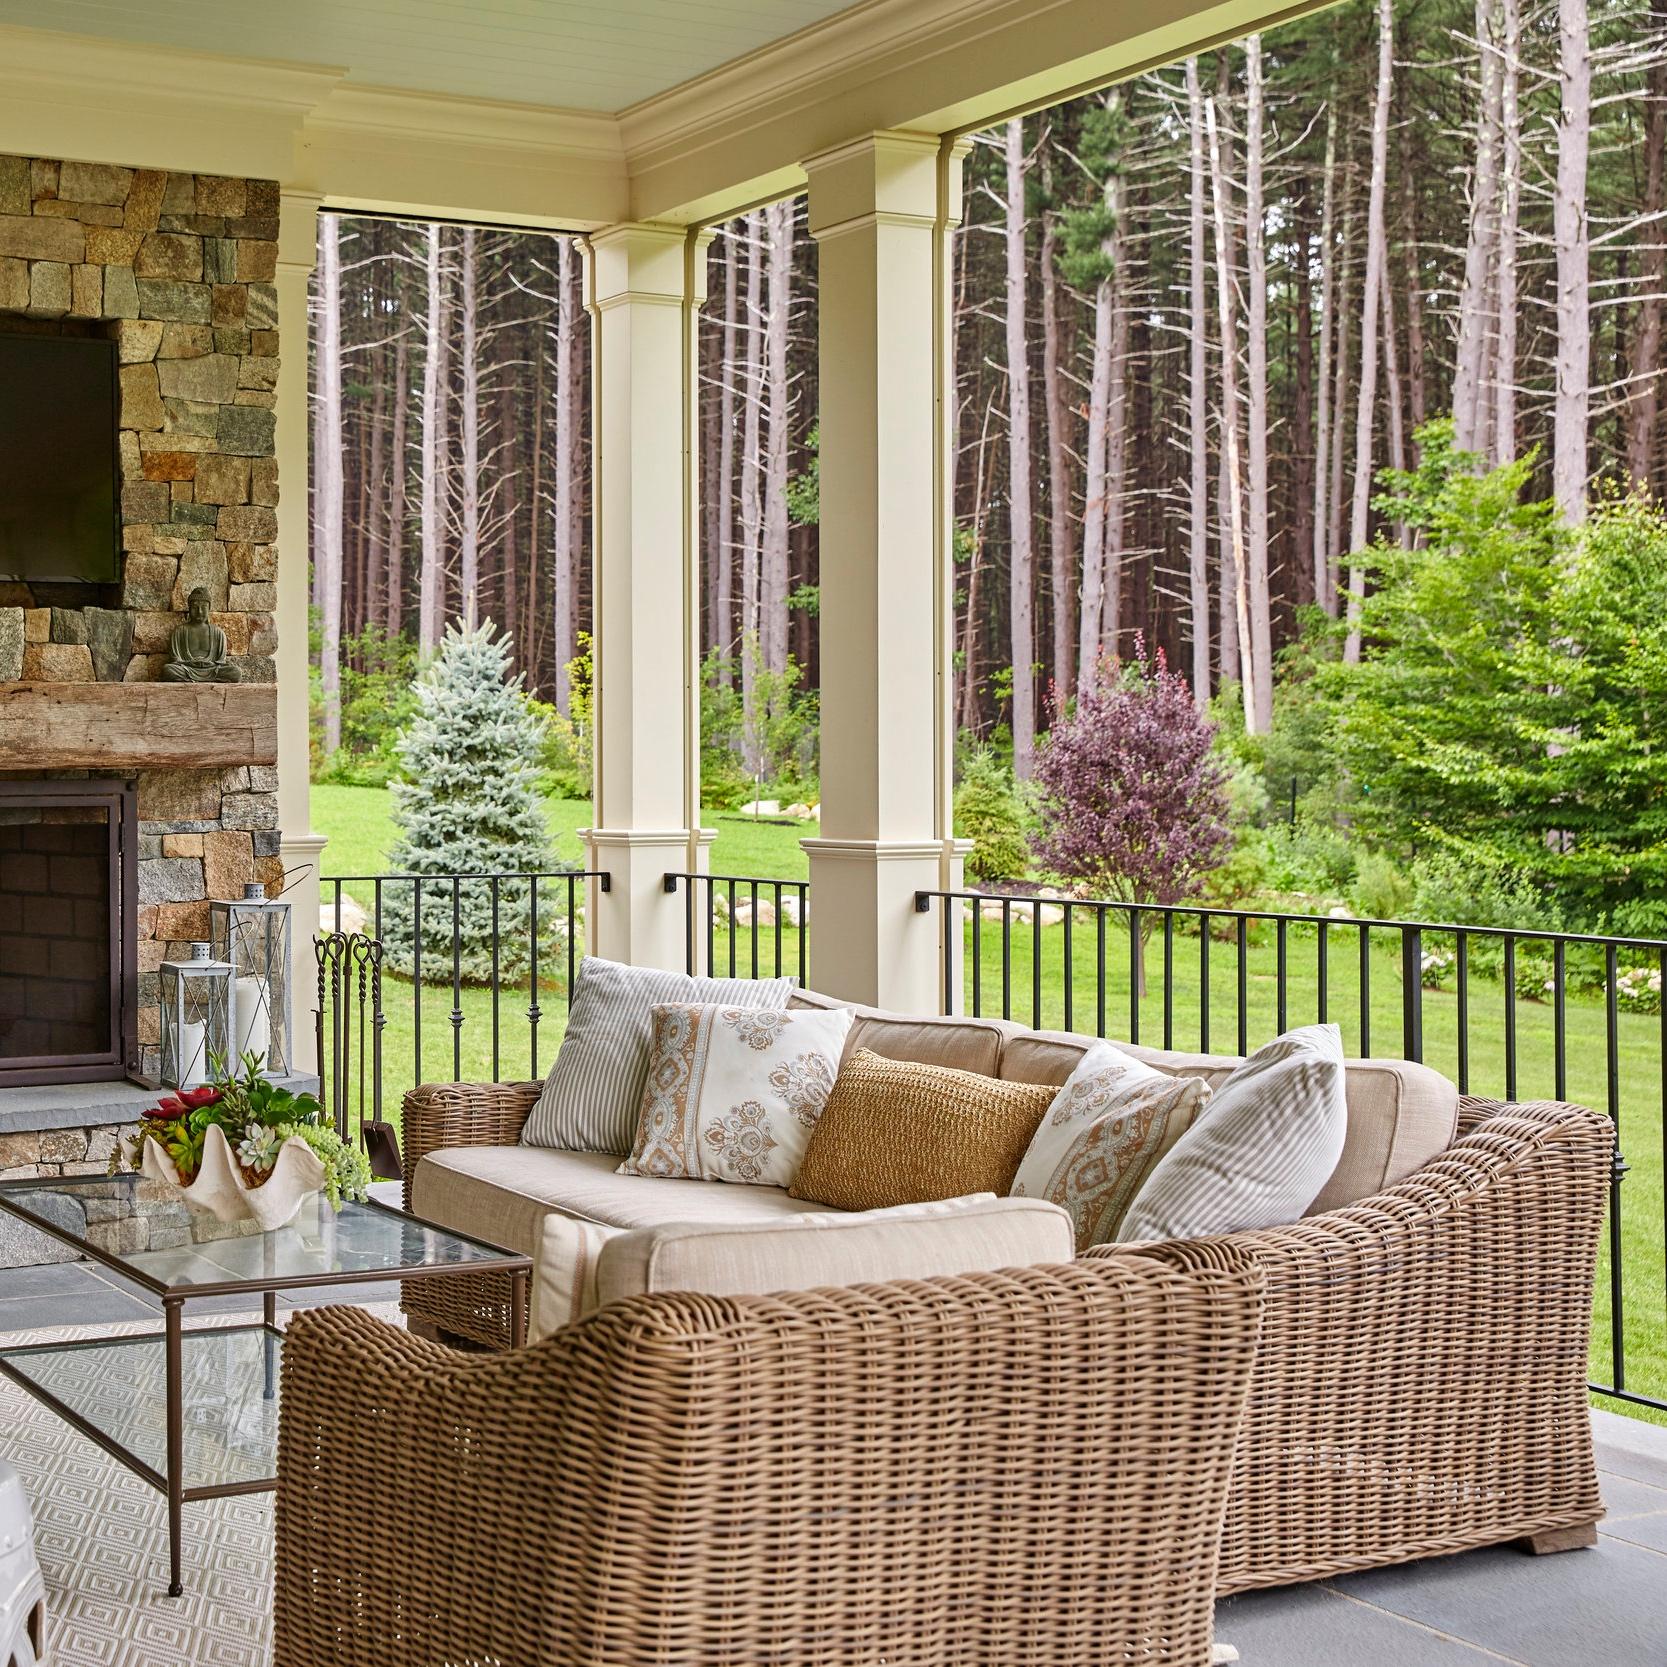 Porches & Railings -